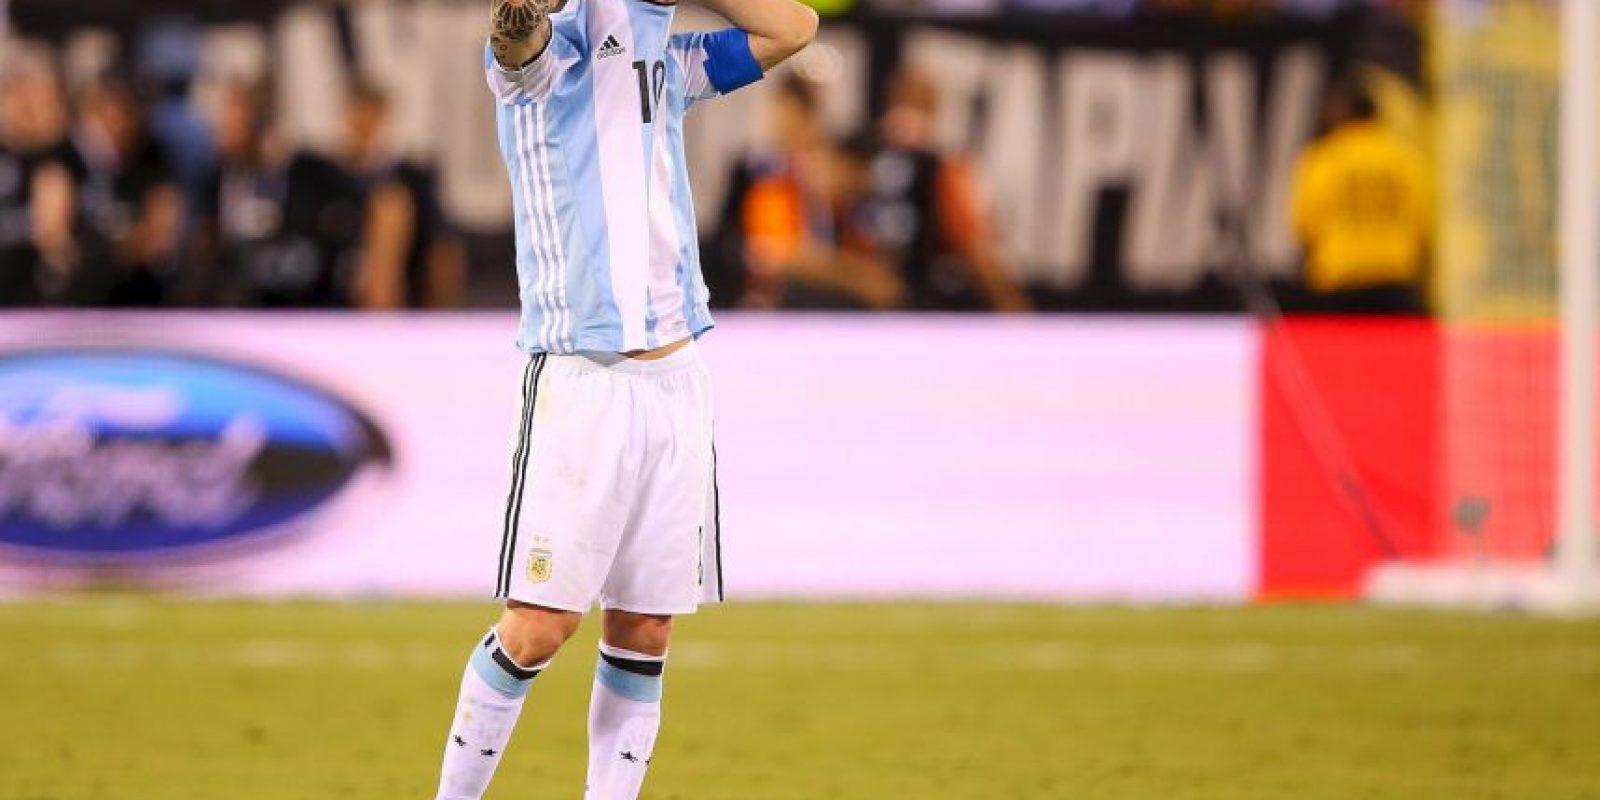 Considerado el mejor jugador del mundo y cansado de ganar títulos con Barcelona, no pudo tener el mismo éxito con Argentina. Tras perder su cuarta final consecutiva al caer en penales con Chile en la Copa América Centenario, decidió retirarse de la selección Foto:Getty Images